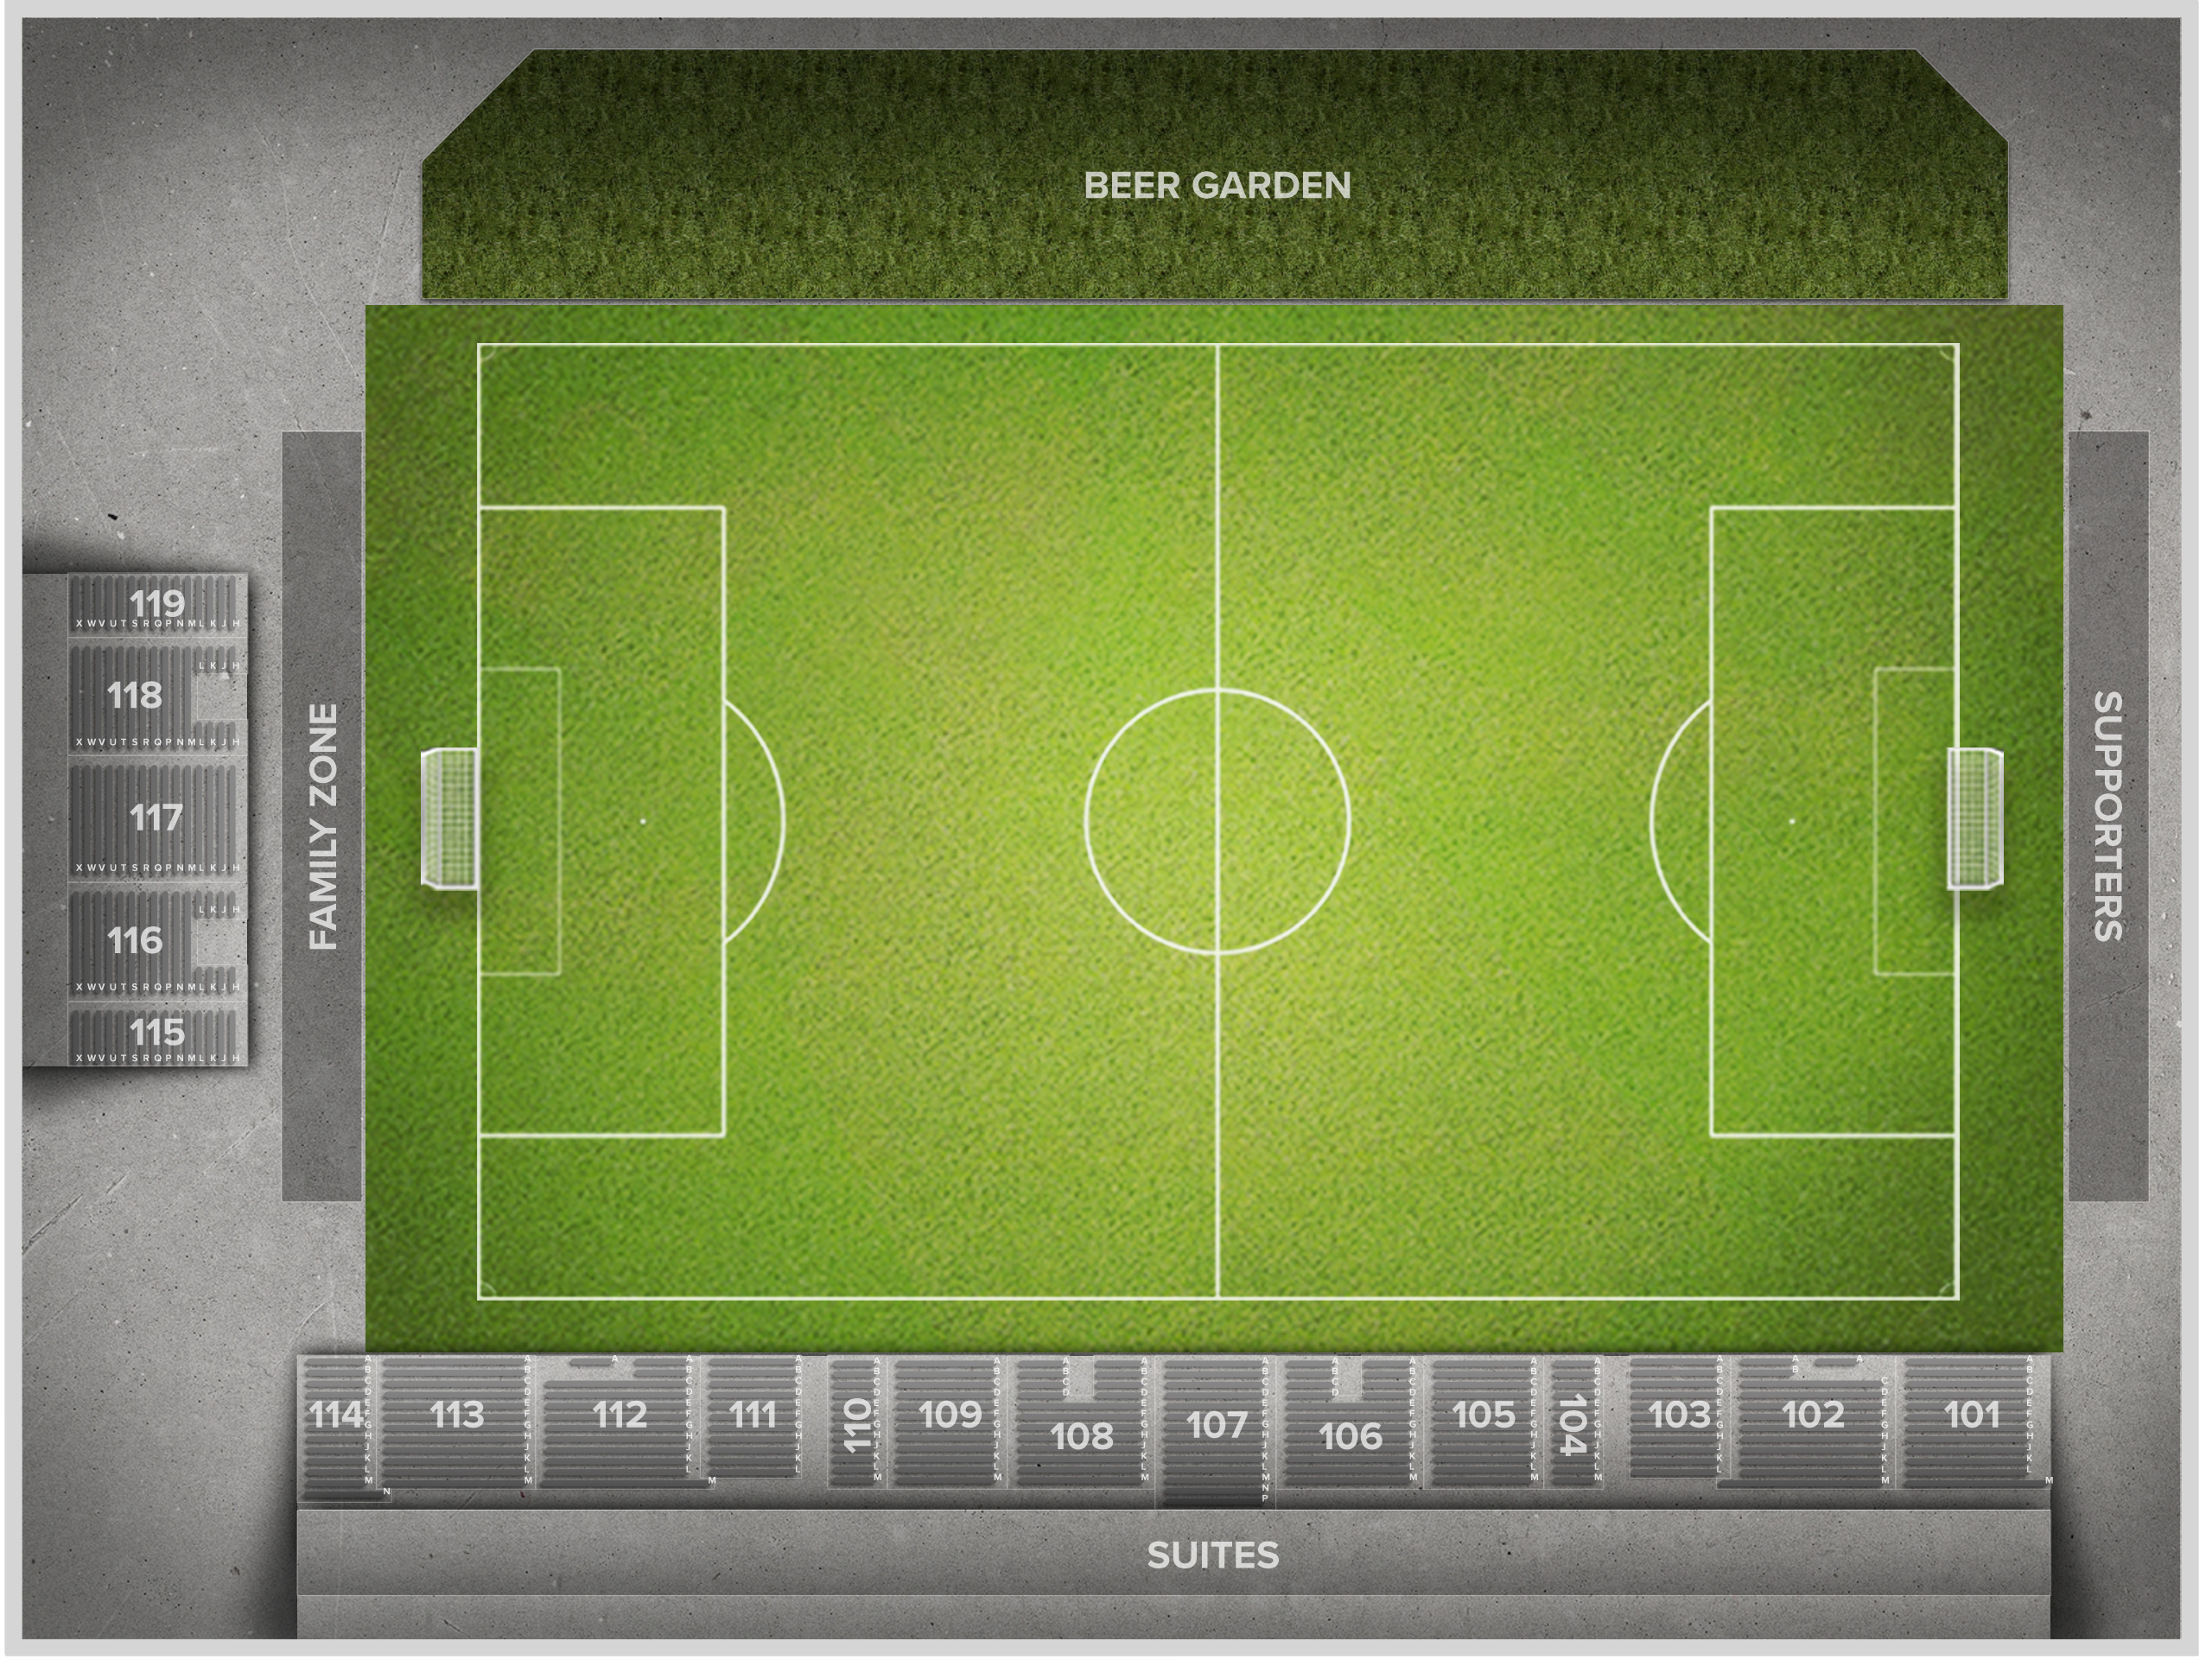 Westhills Stadium Tickets